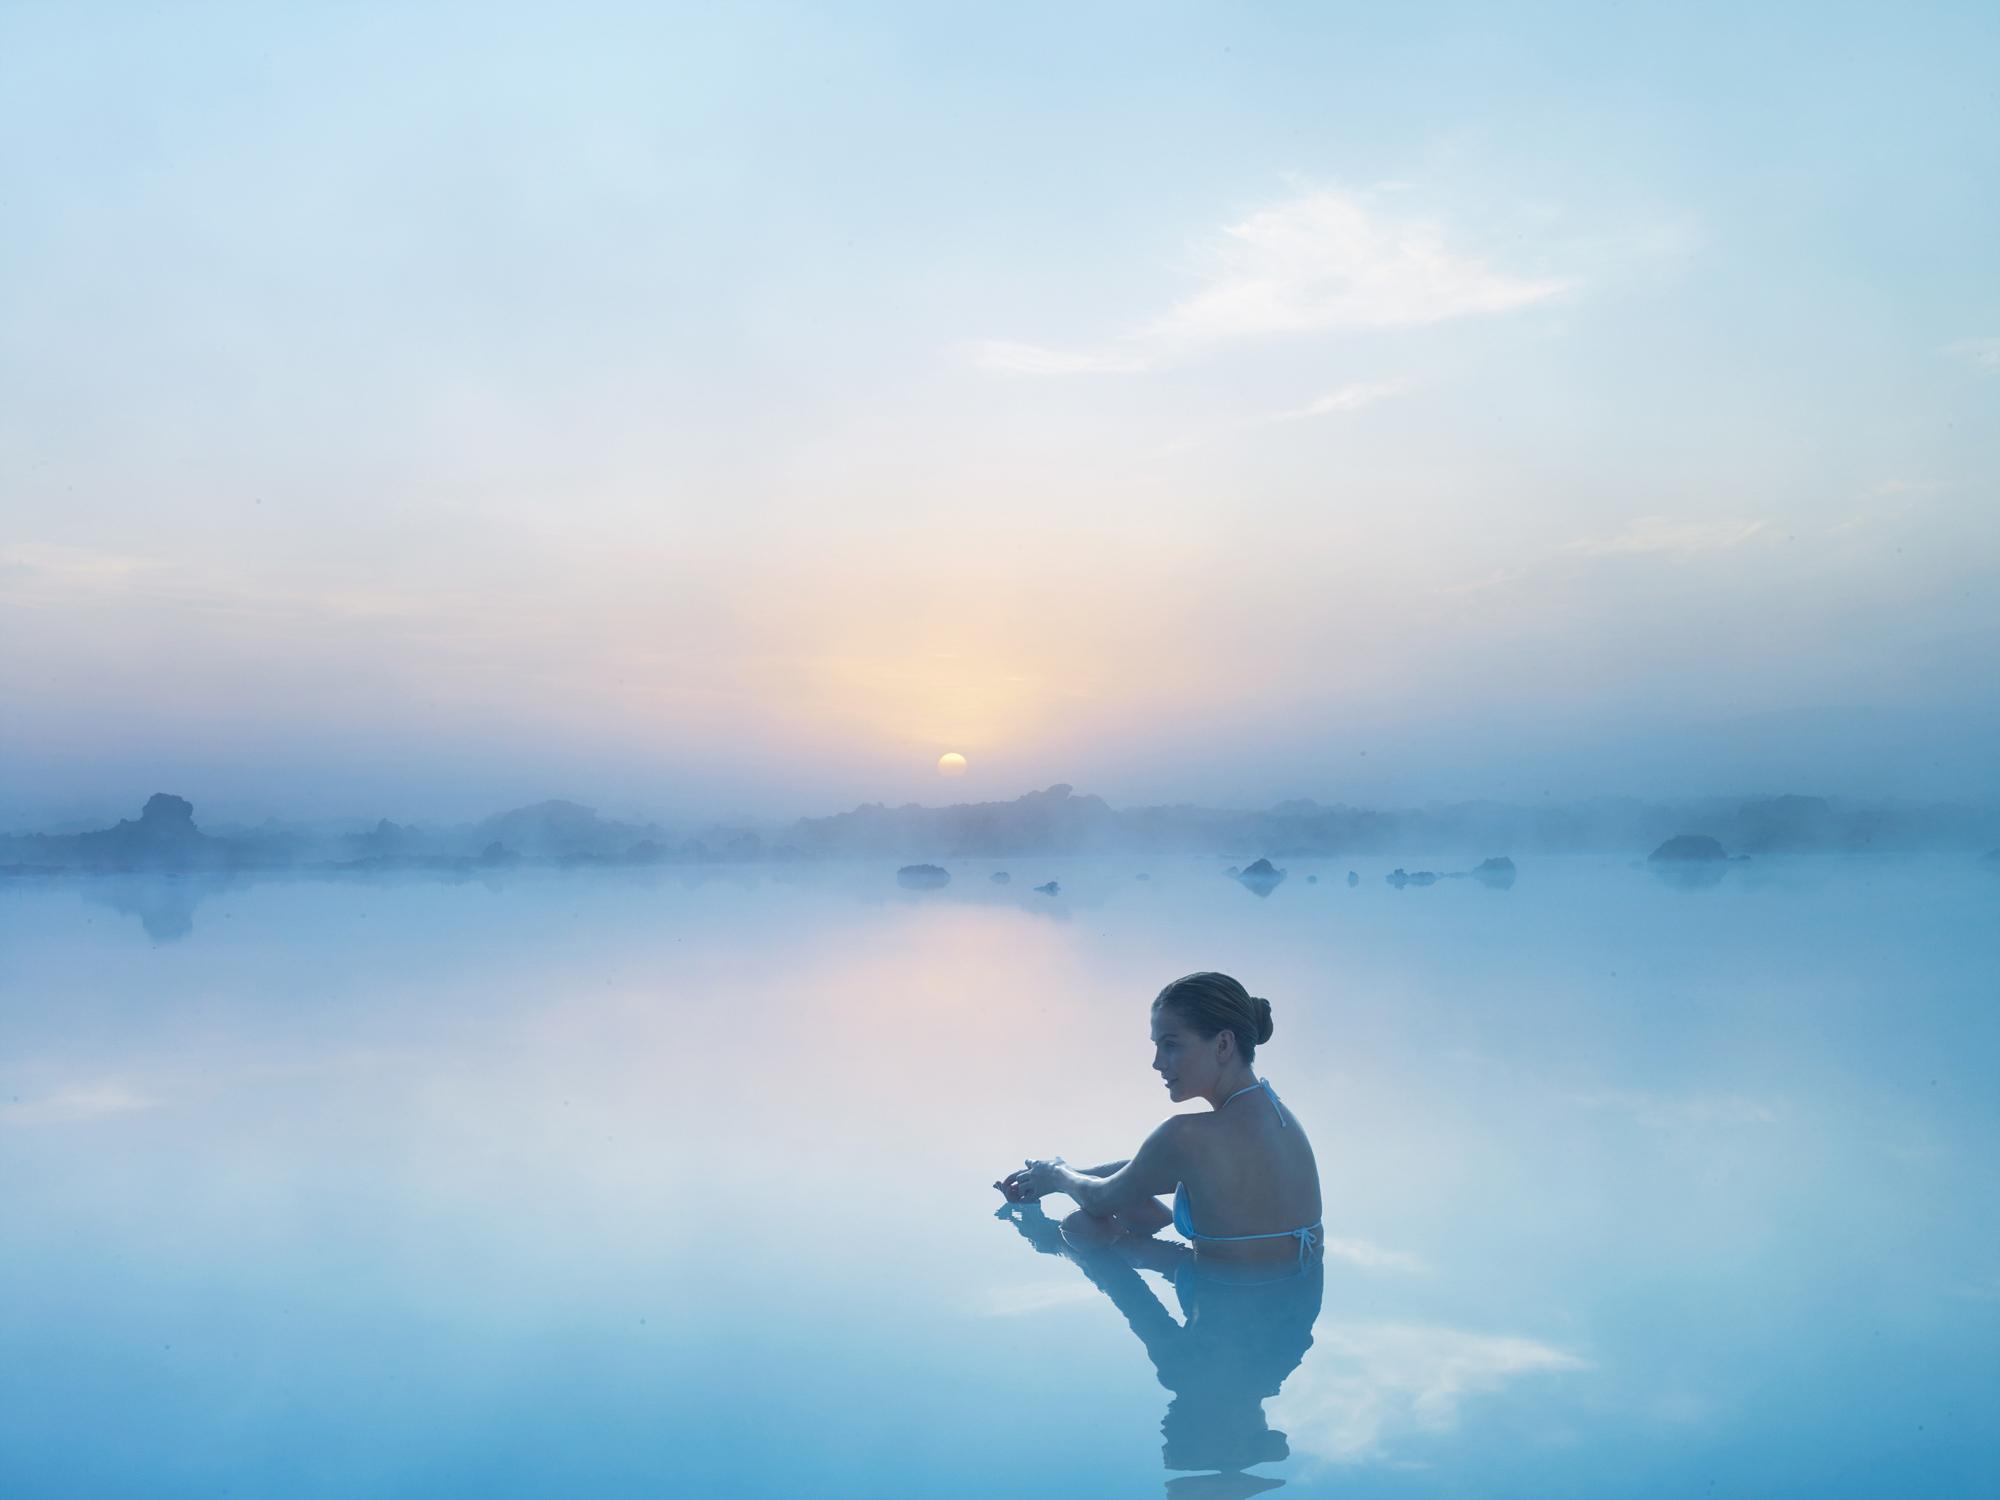 Das Wellnessbad Blaue Lagune ist Islands beliebteste Touristenattraktion.